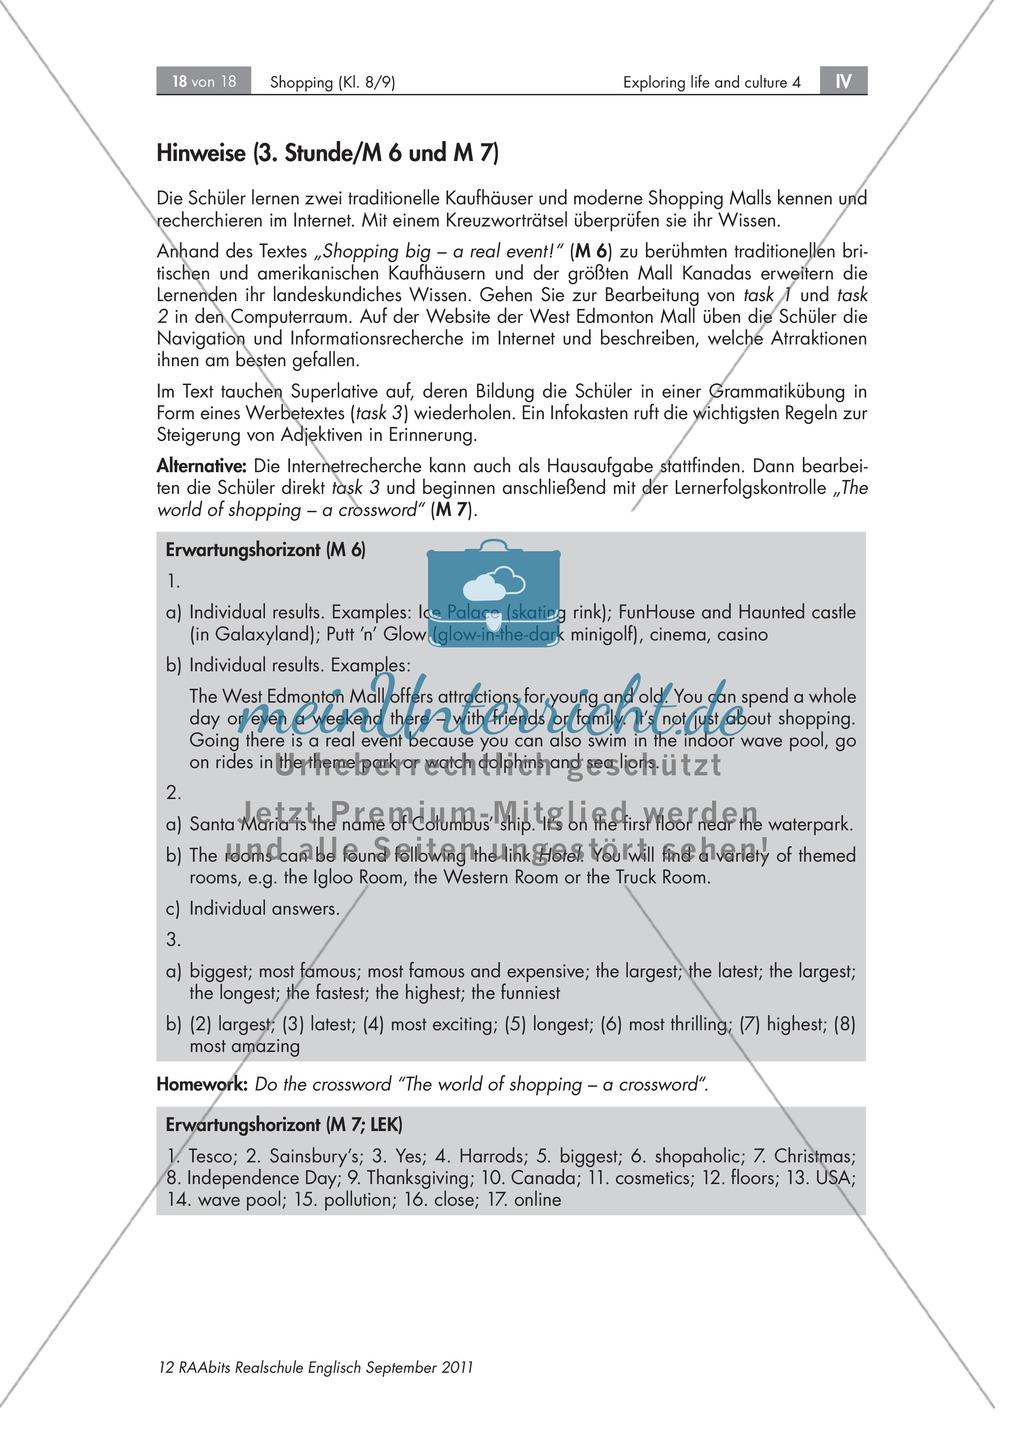 Einkaufsgewohnheiten in Großbritannien, Kanada und den USA kennenlernen : Übungen zur Lesekompetenz und Textverständnis + Kopiervorlagen Preview 12